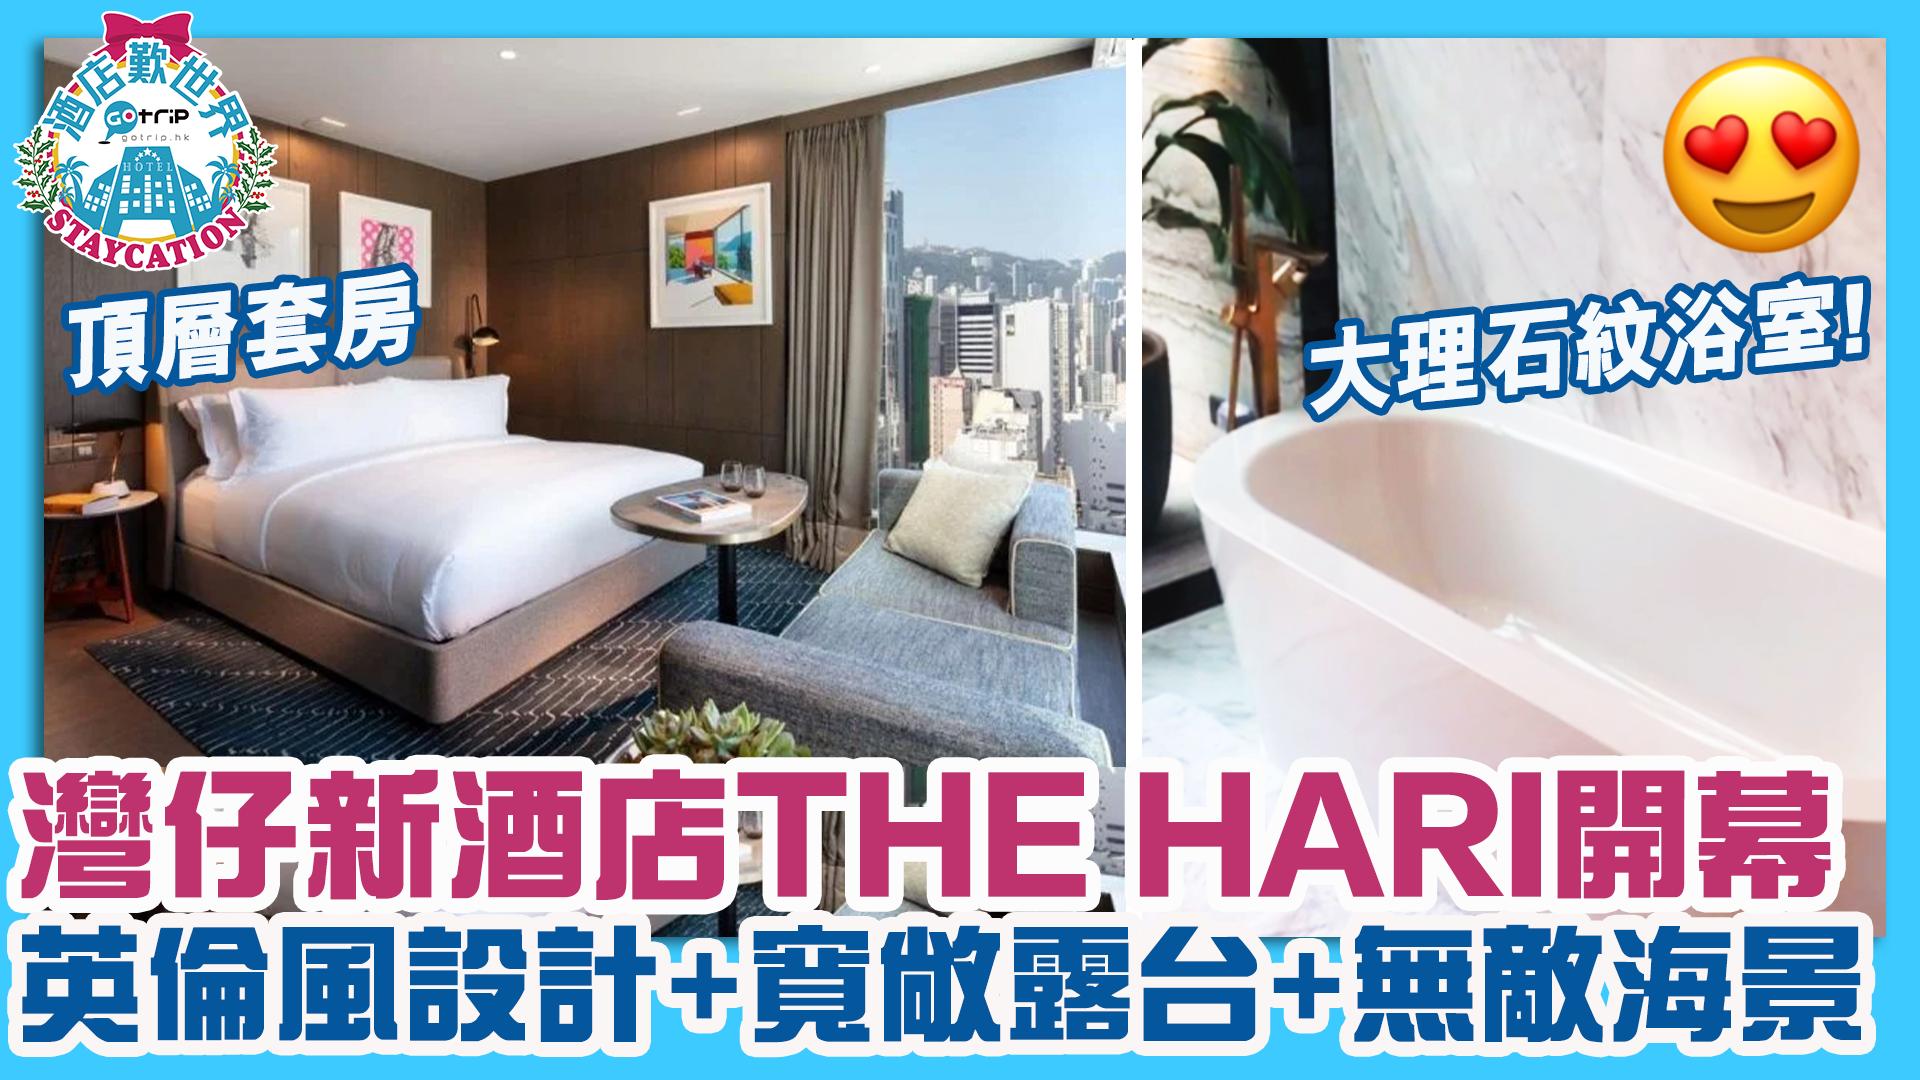 灣仔新酒店The Hari Hong Kong開幕!英倫風低調奢華設計+寬敞露台歎海景 GOtrip酒店歎世界